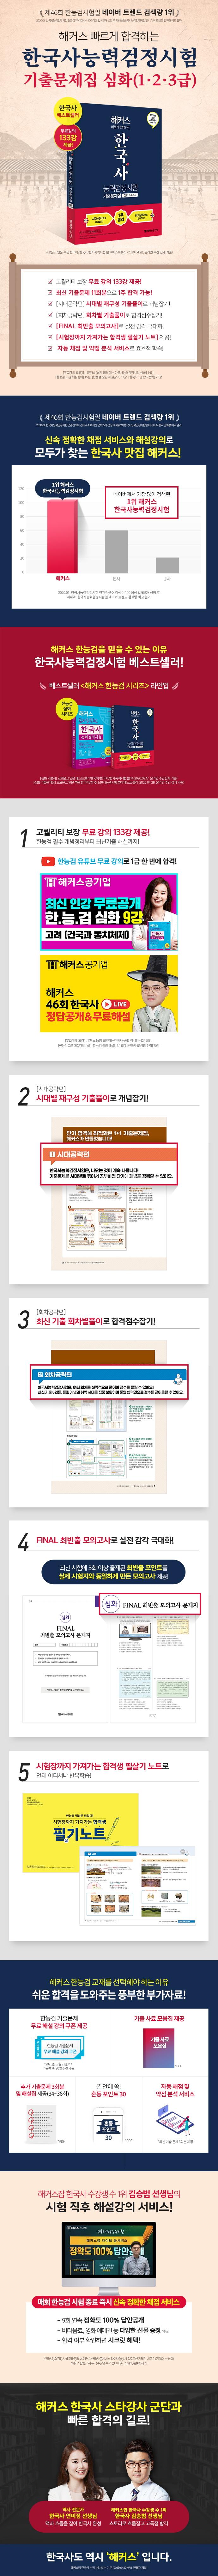 한국사능력검정시험 기출문제집 심화(1 2 3급)(2020)(해커스 빠르게 합격하는) 도서 상세이미지